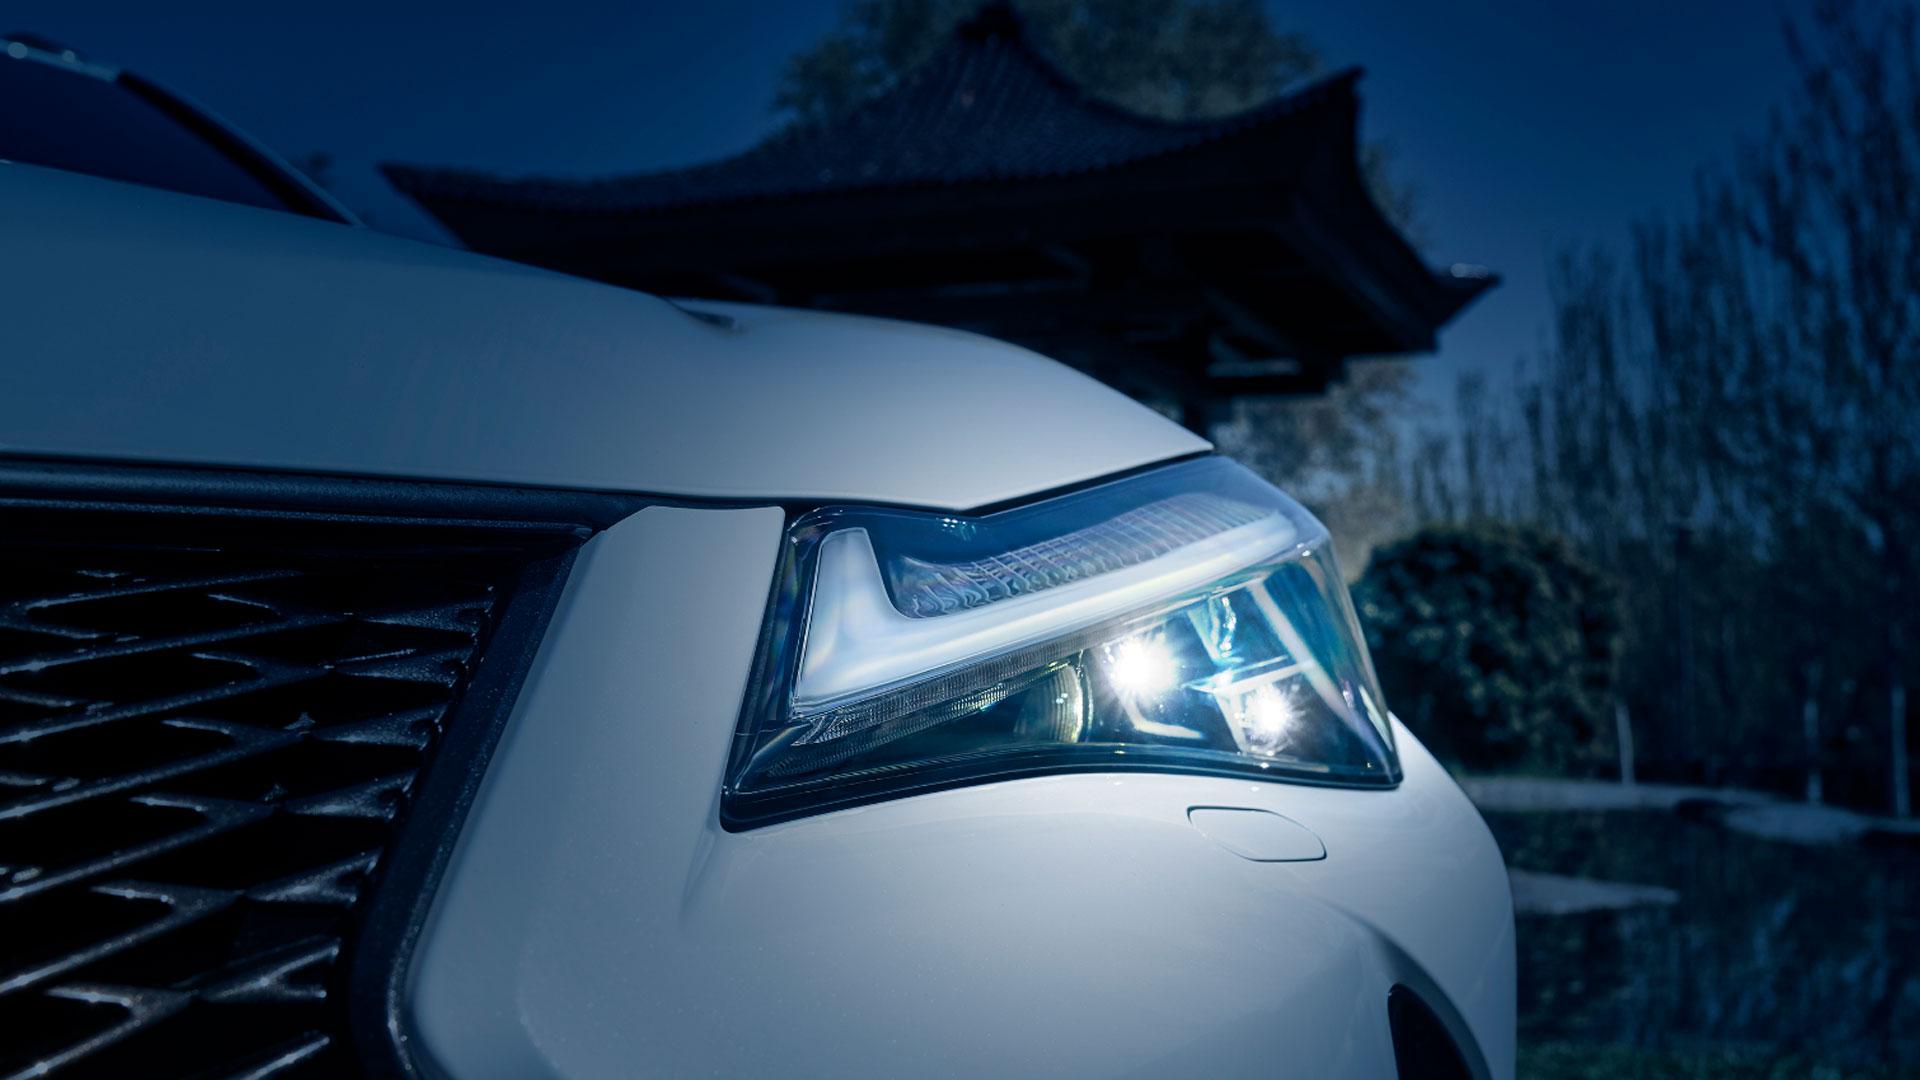 Imagen de un faro de un vehículo Lexus